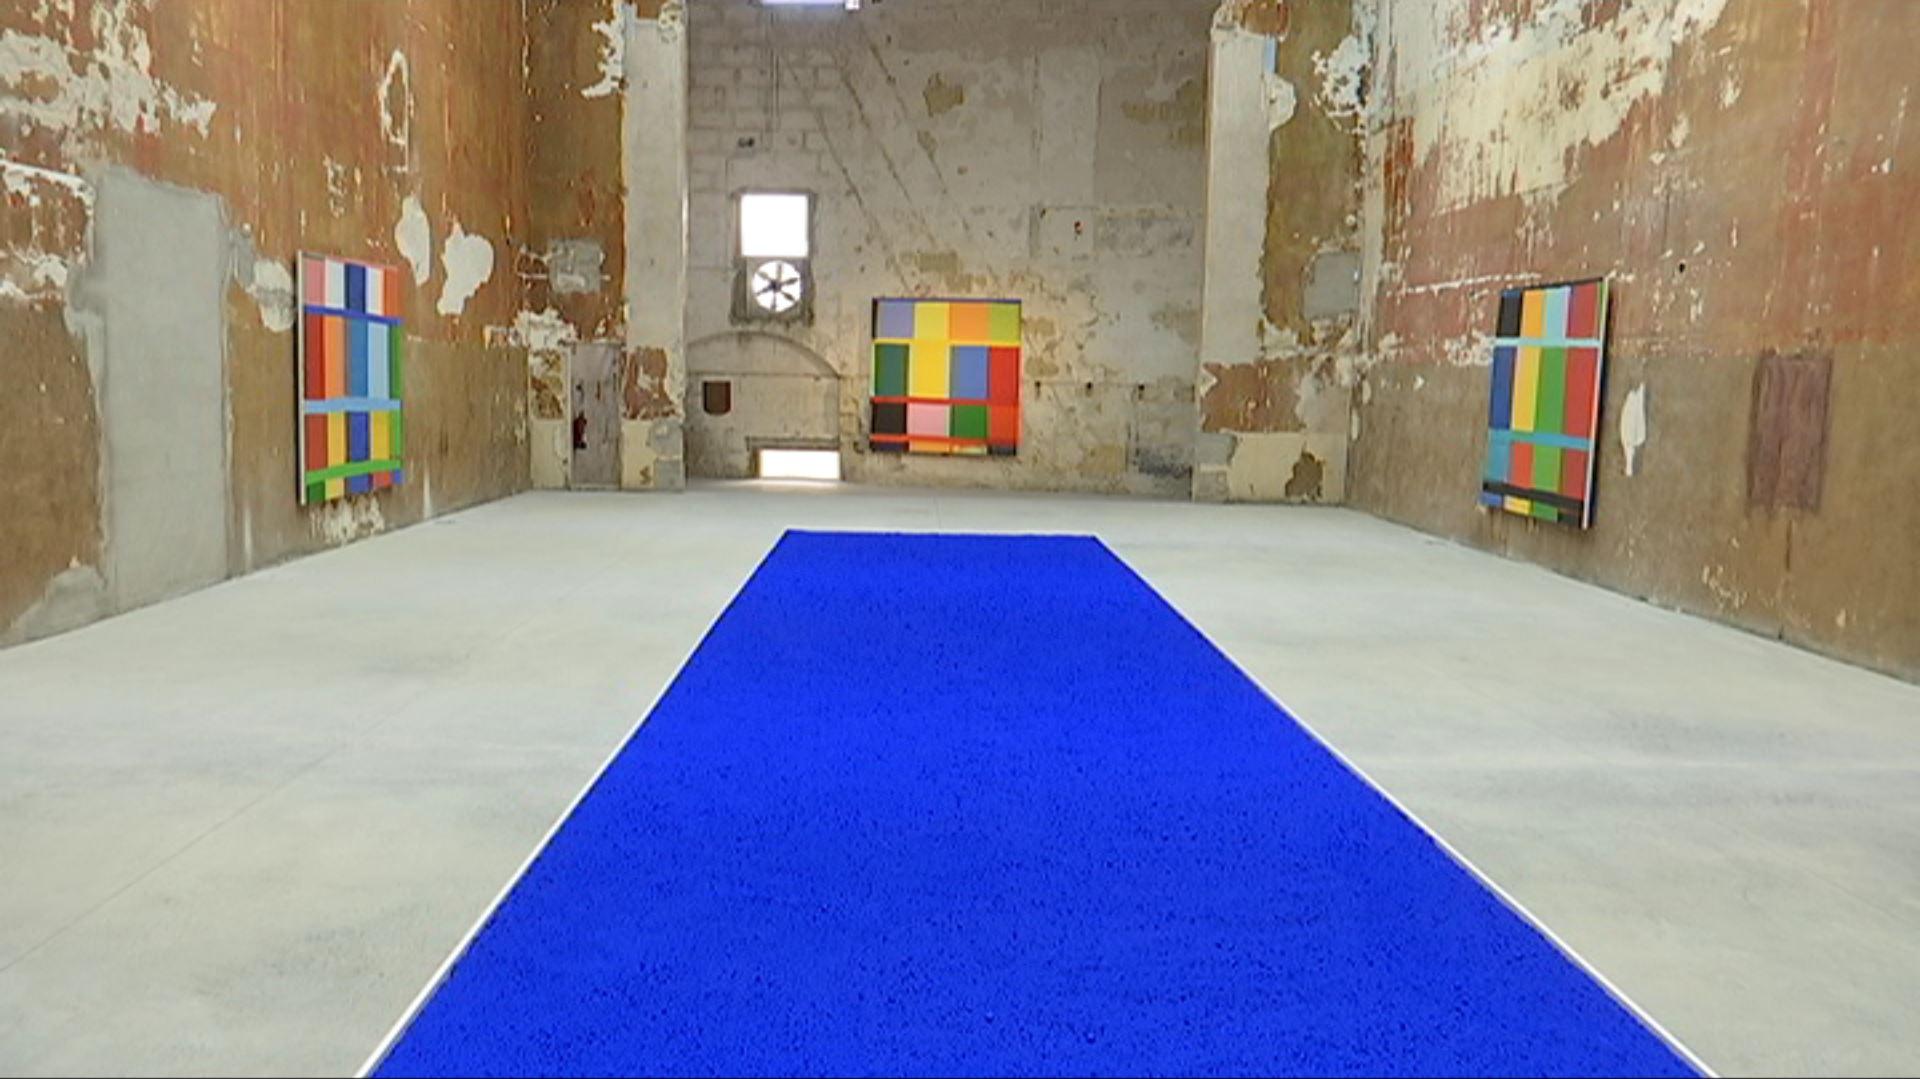 L%27aut%C3%A8ntic+blau+d%27Yves+Klein+llueix+a+la+galeria+Cay%C3%B3n+de+Ma%C3%B3